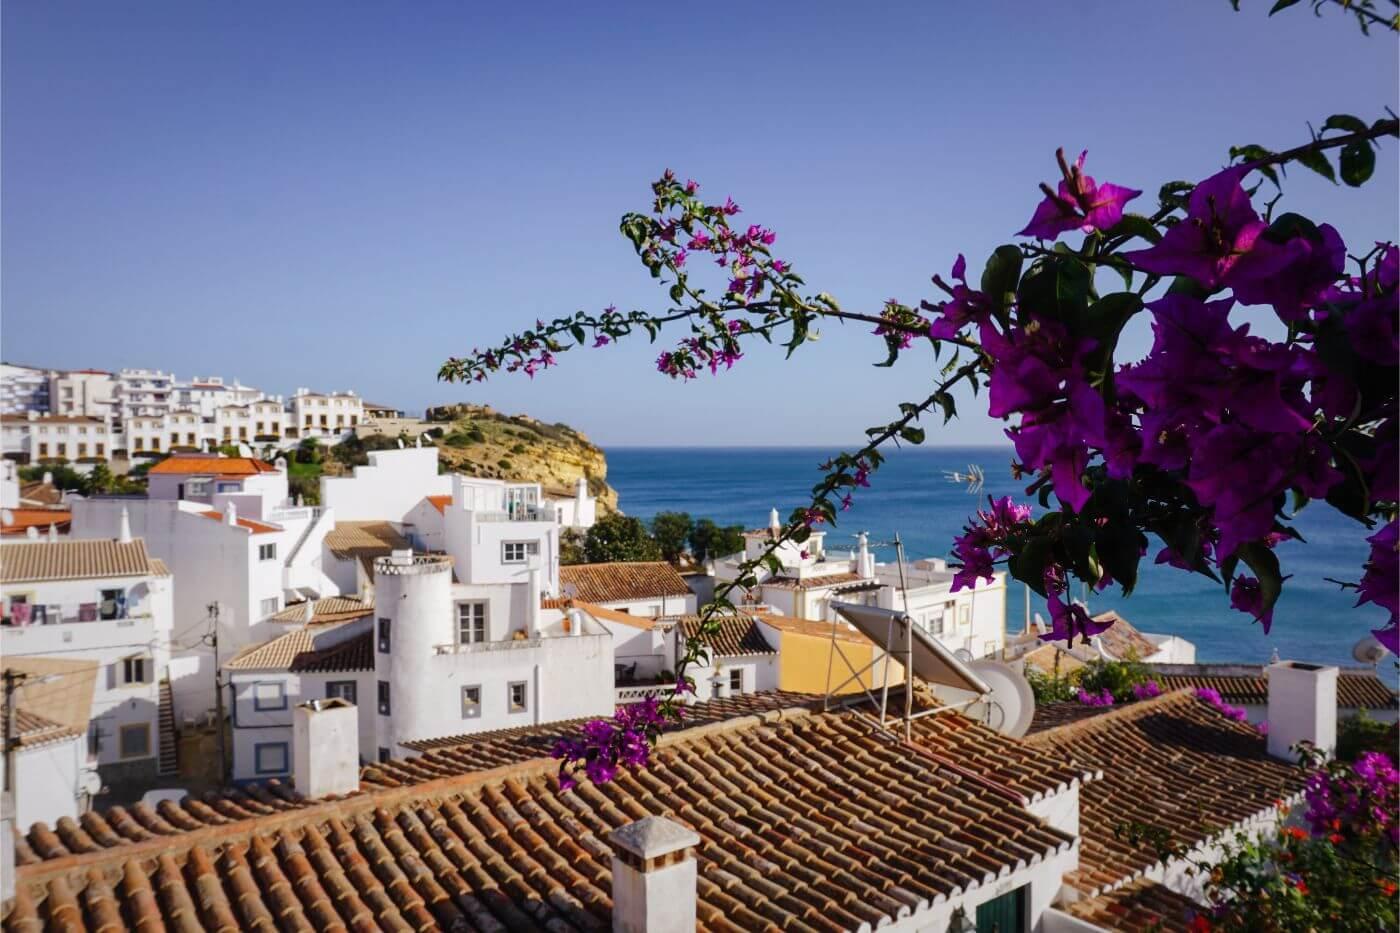 Burgau, Western Algarve, road trip itinerary